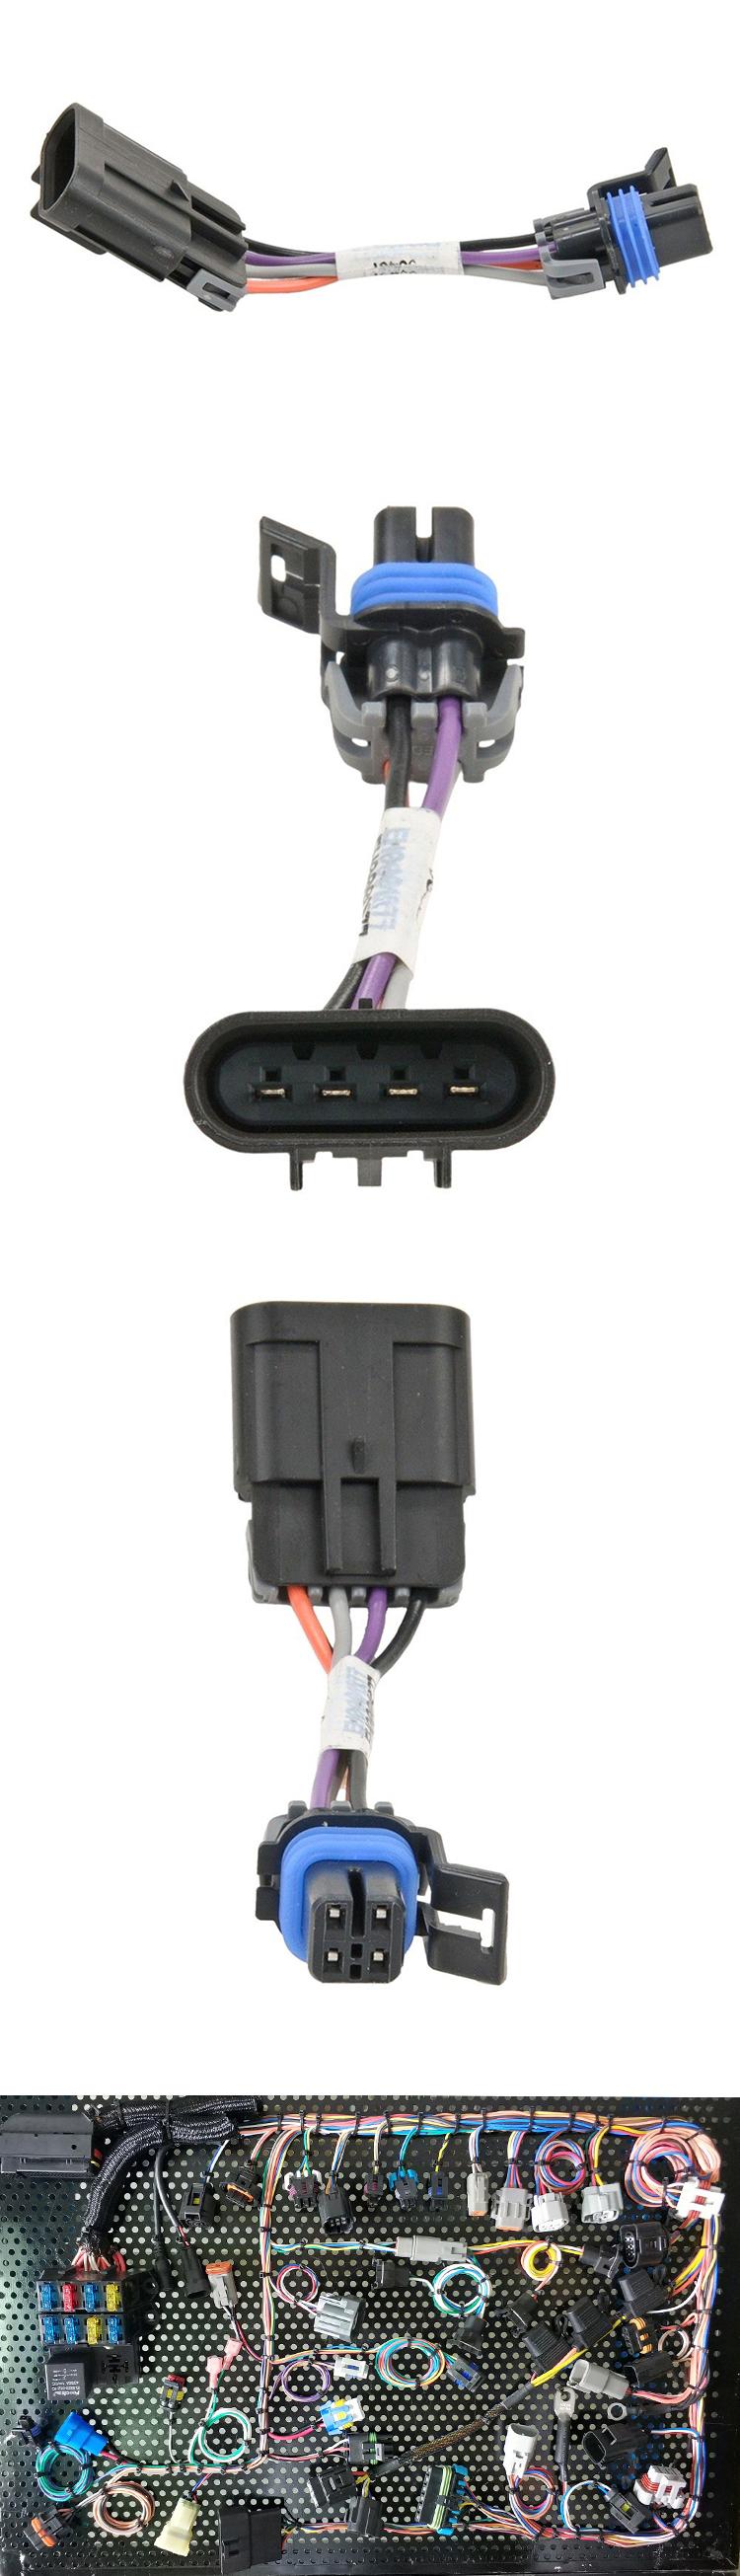 Fuel pump wiring harness kits custom assembly